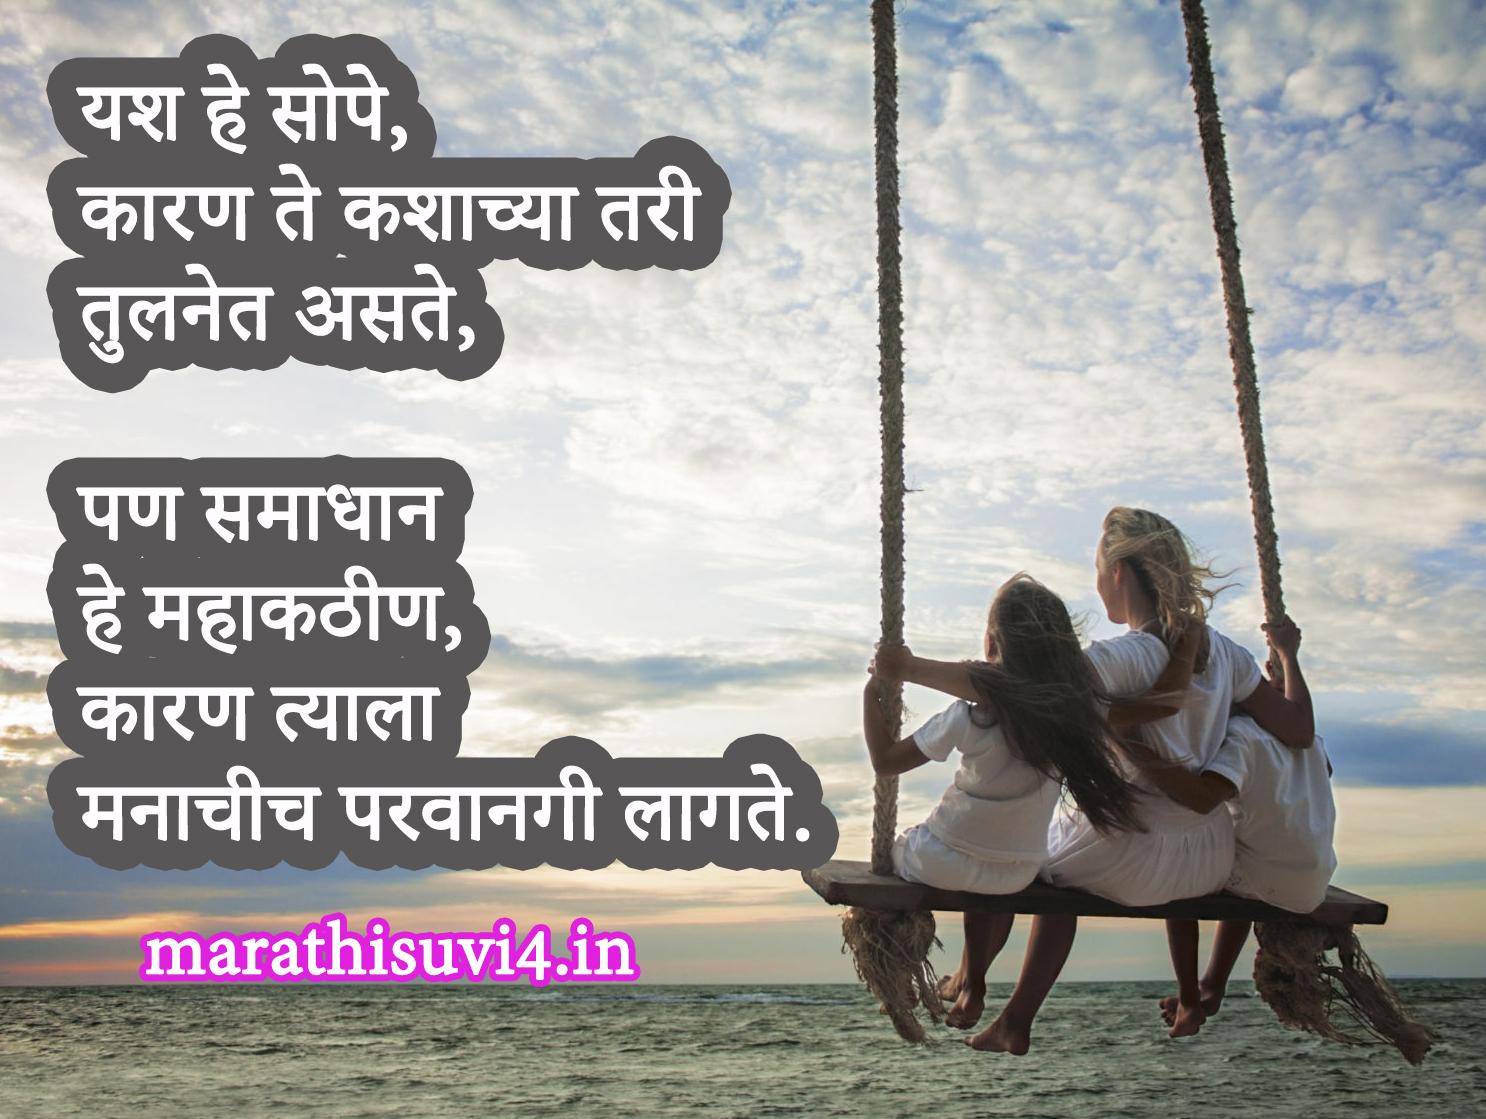 Peace Of Mind Quotes In Marathi Marathi Suvichar